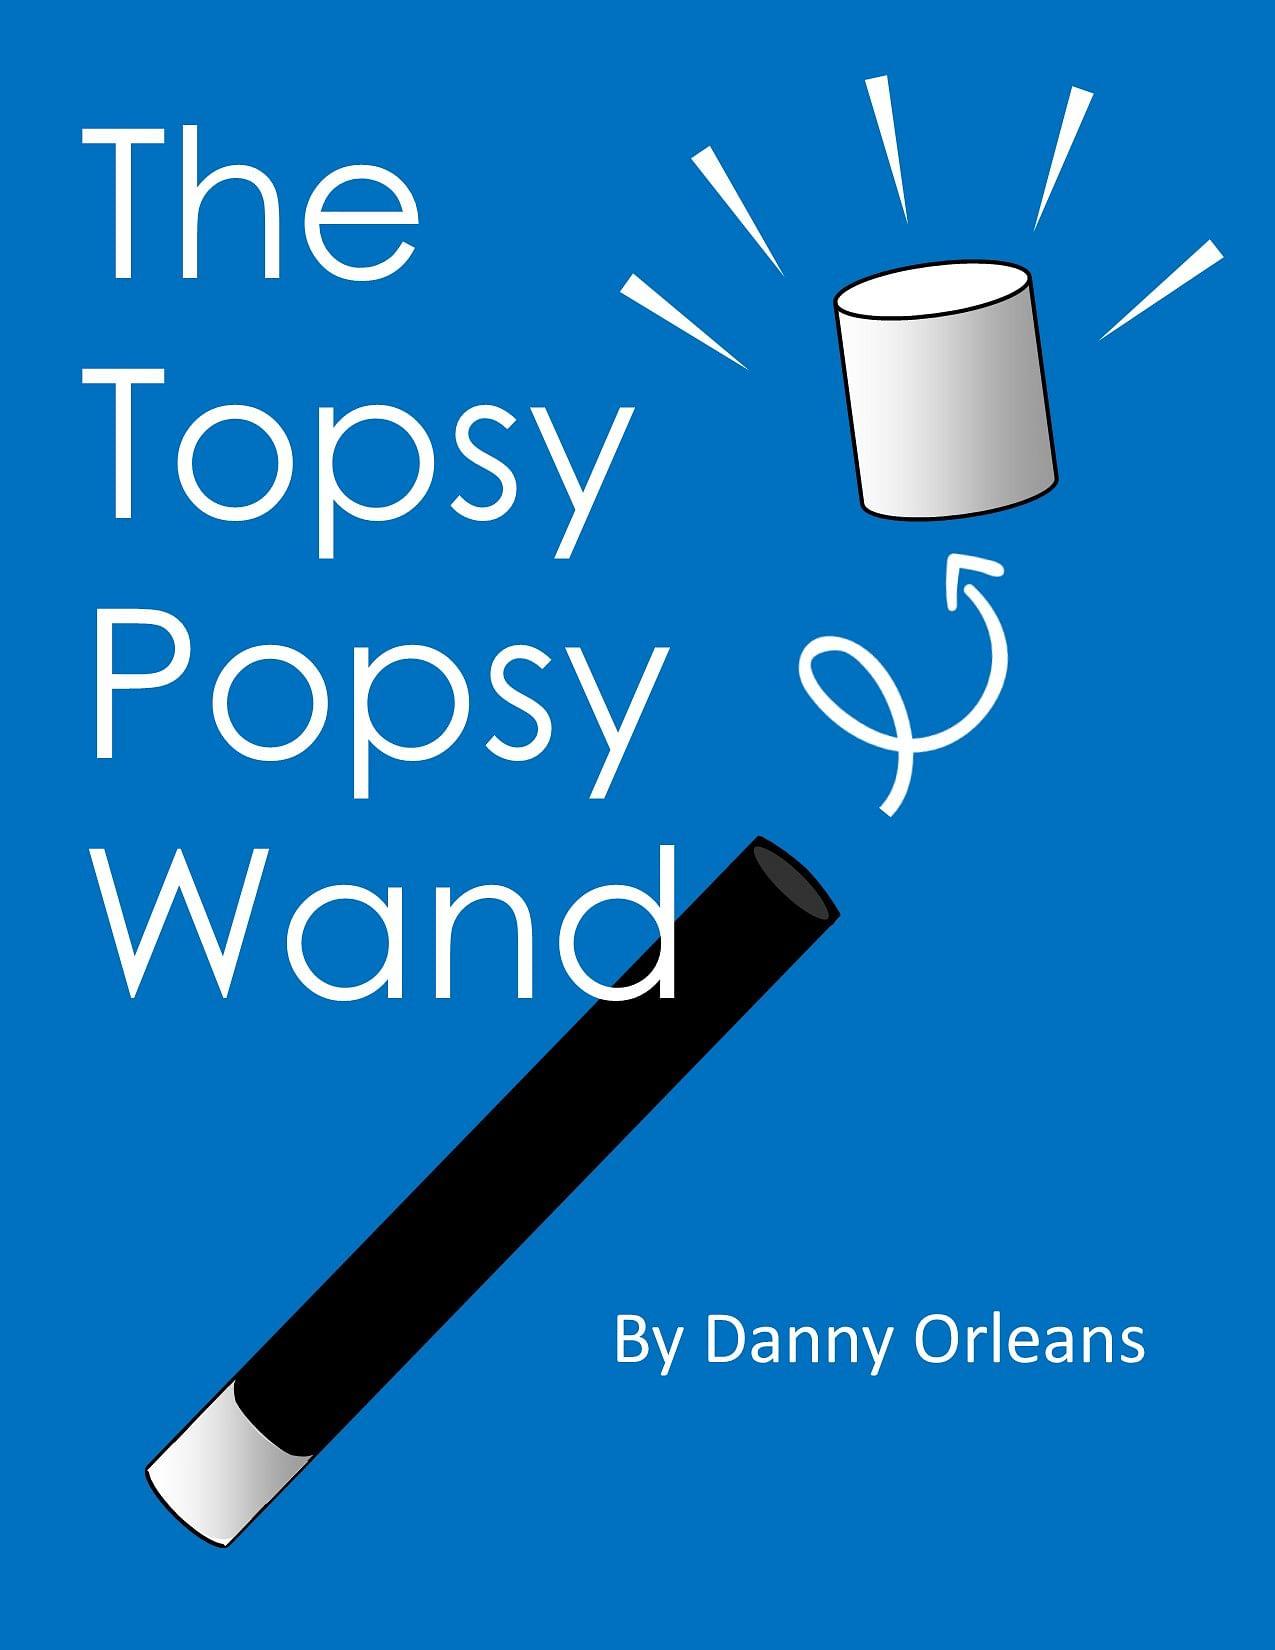 Topsy Popsy Wand e-book